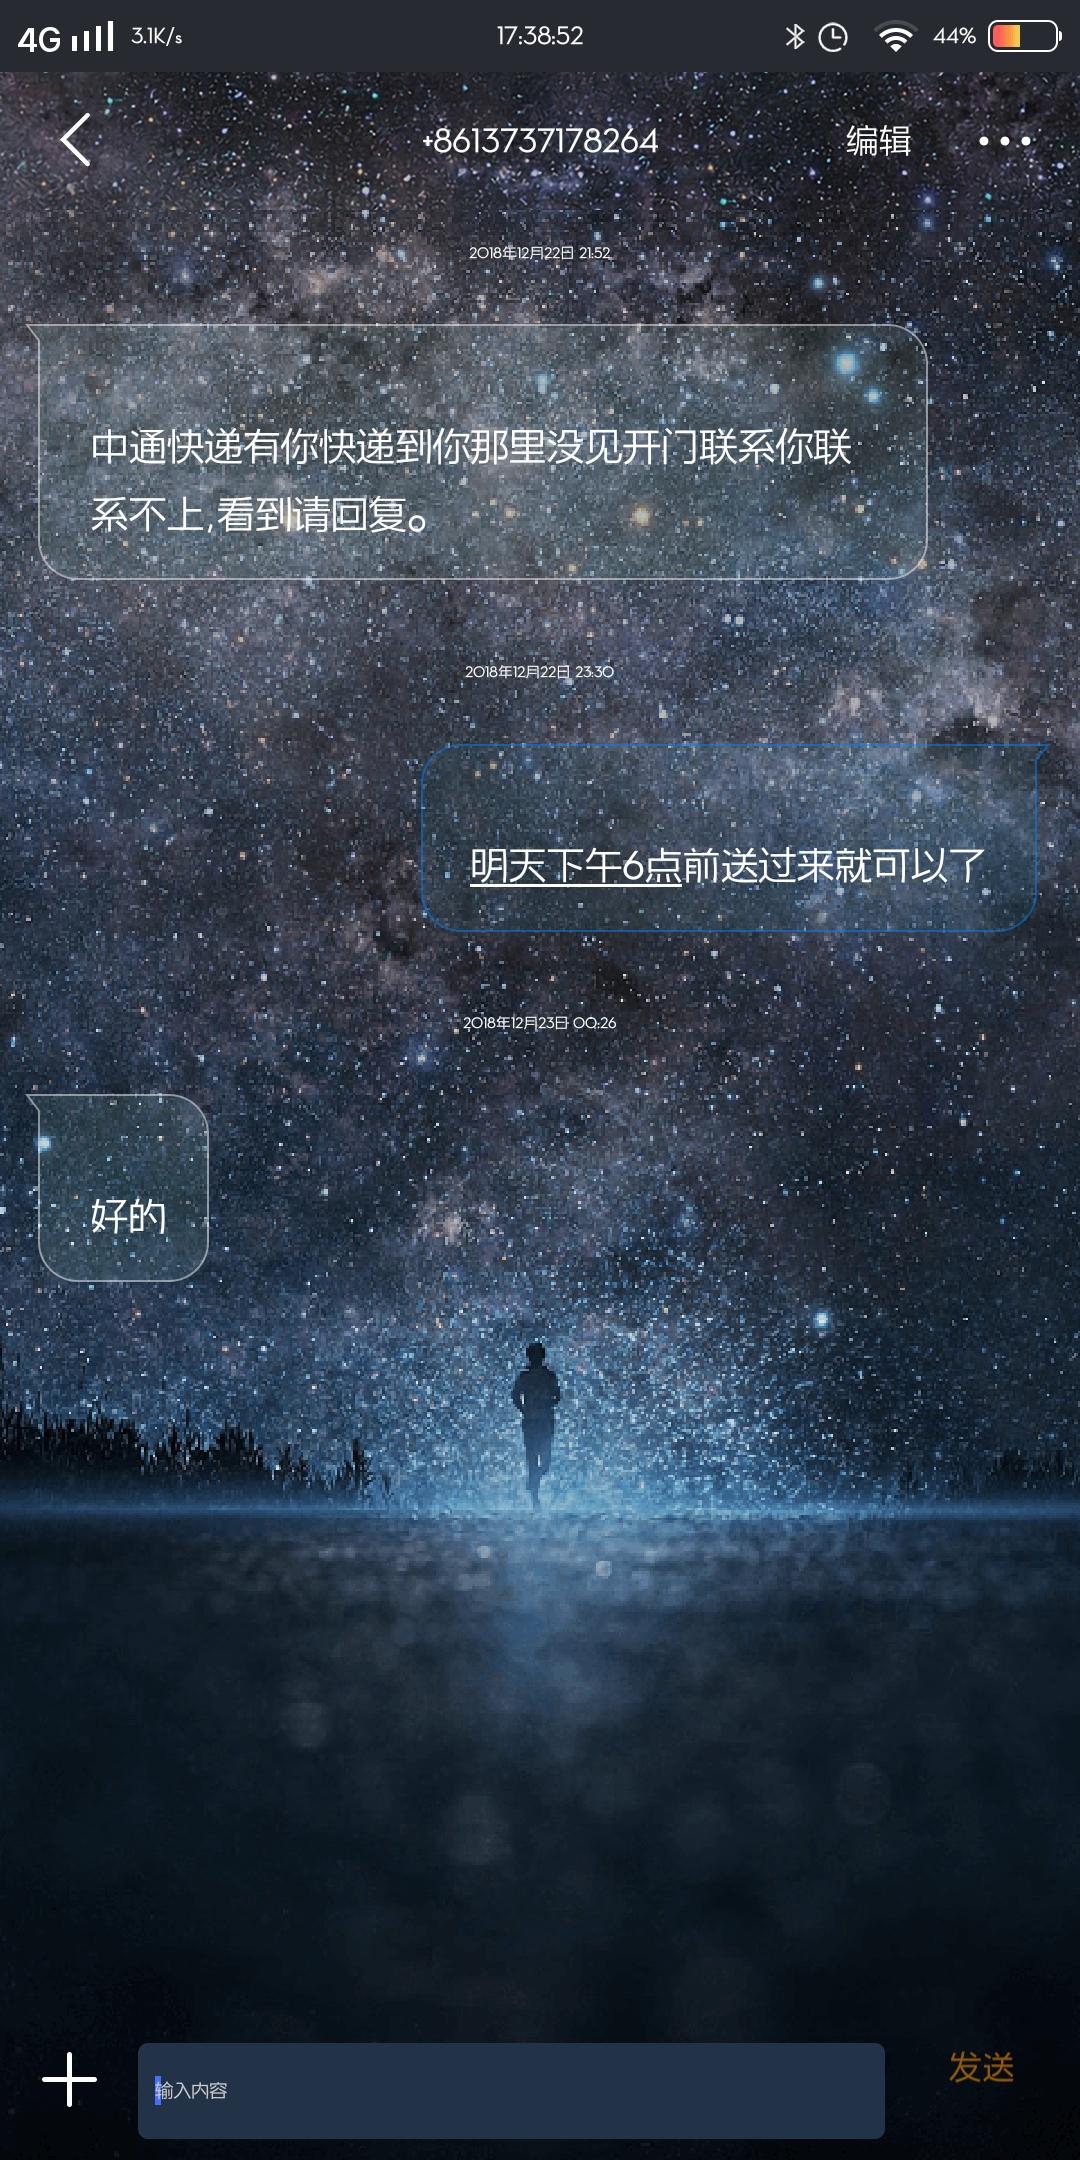 Screenshot_20190429_173853.jpg